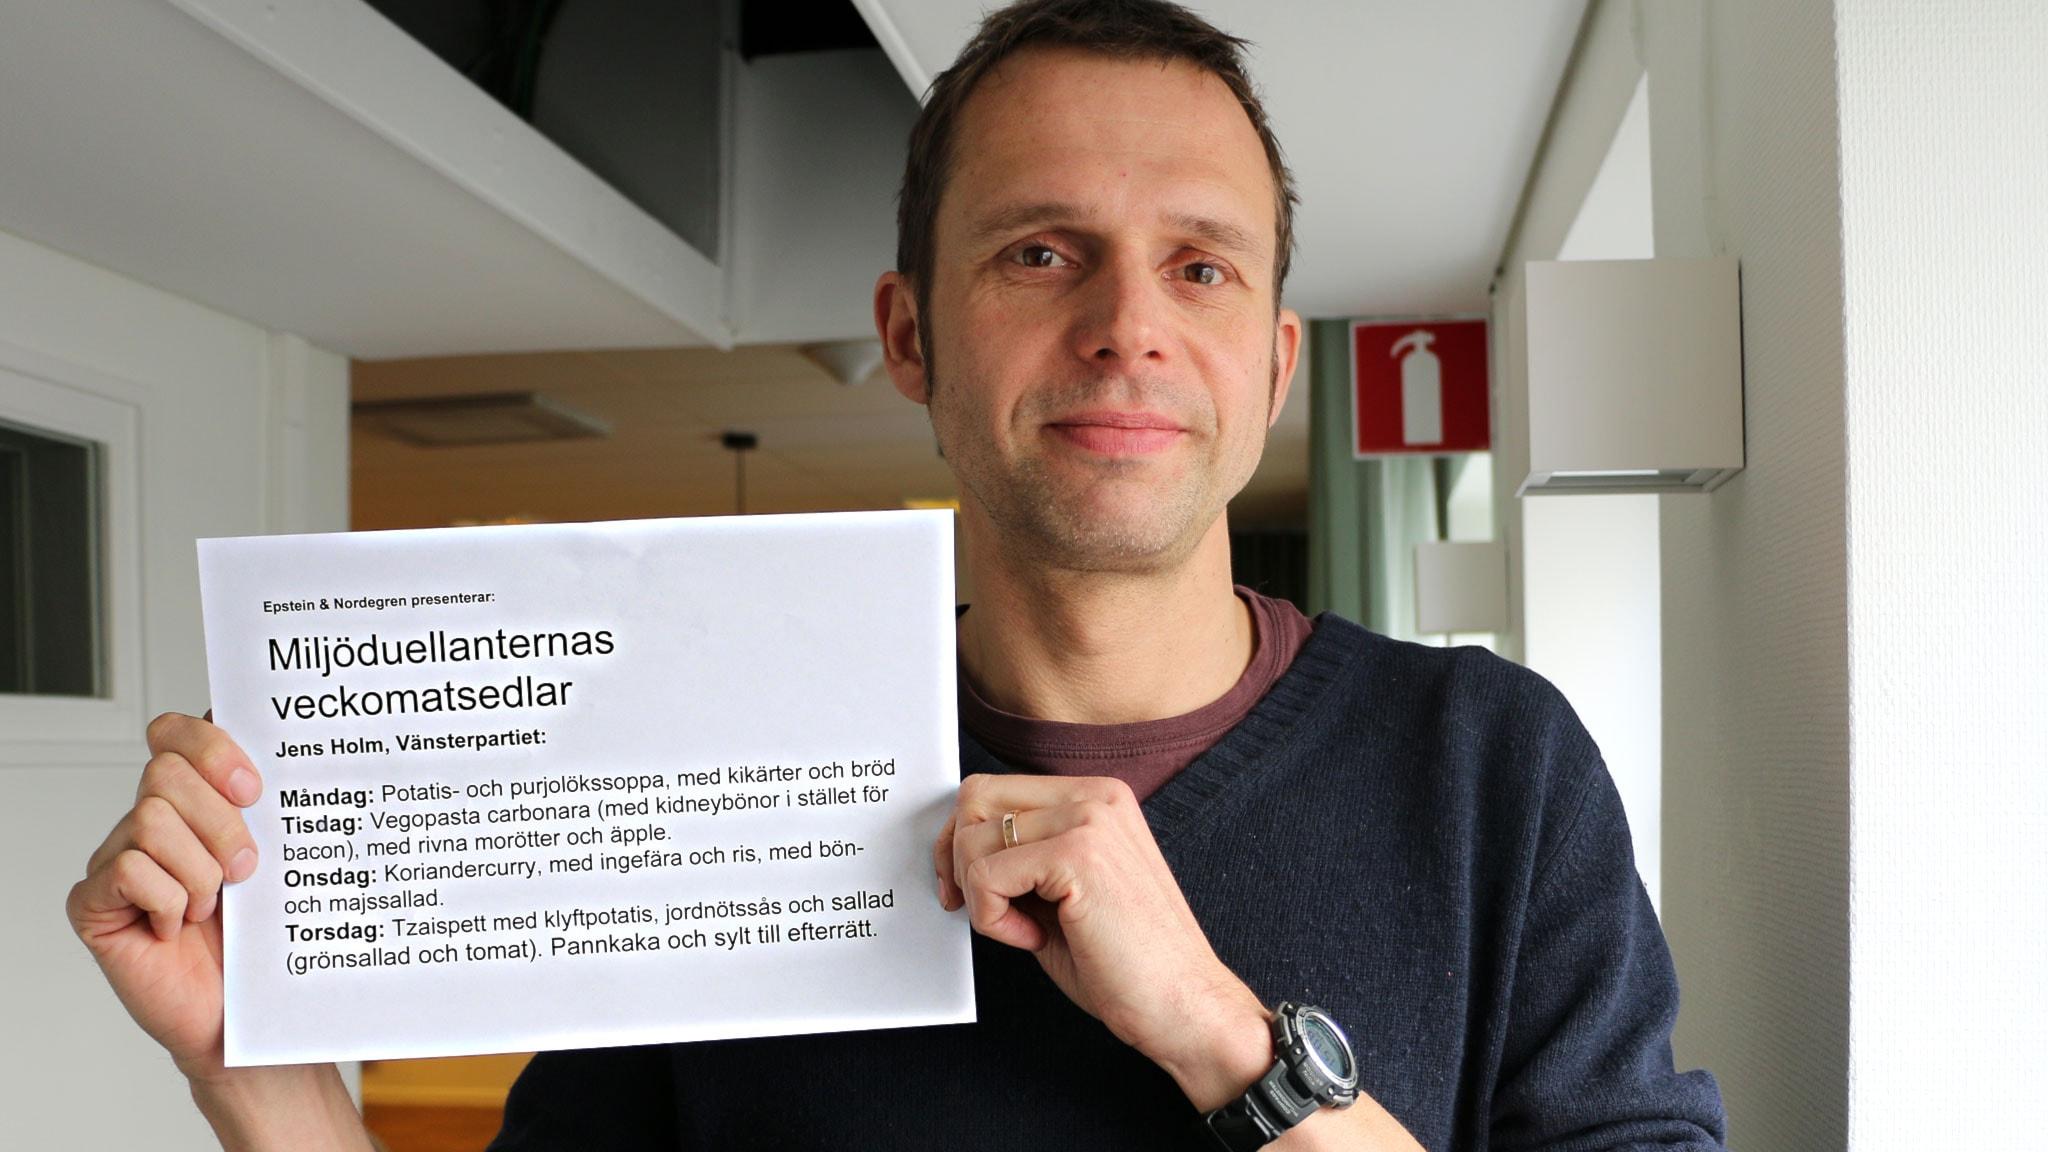 Jens Holm (V) visar upp sin veckomatsedel i Miljöduellen. Foto: Ronnie Ritterland / Sveriges Radio